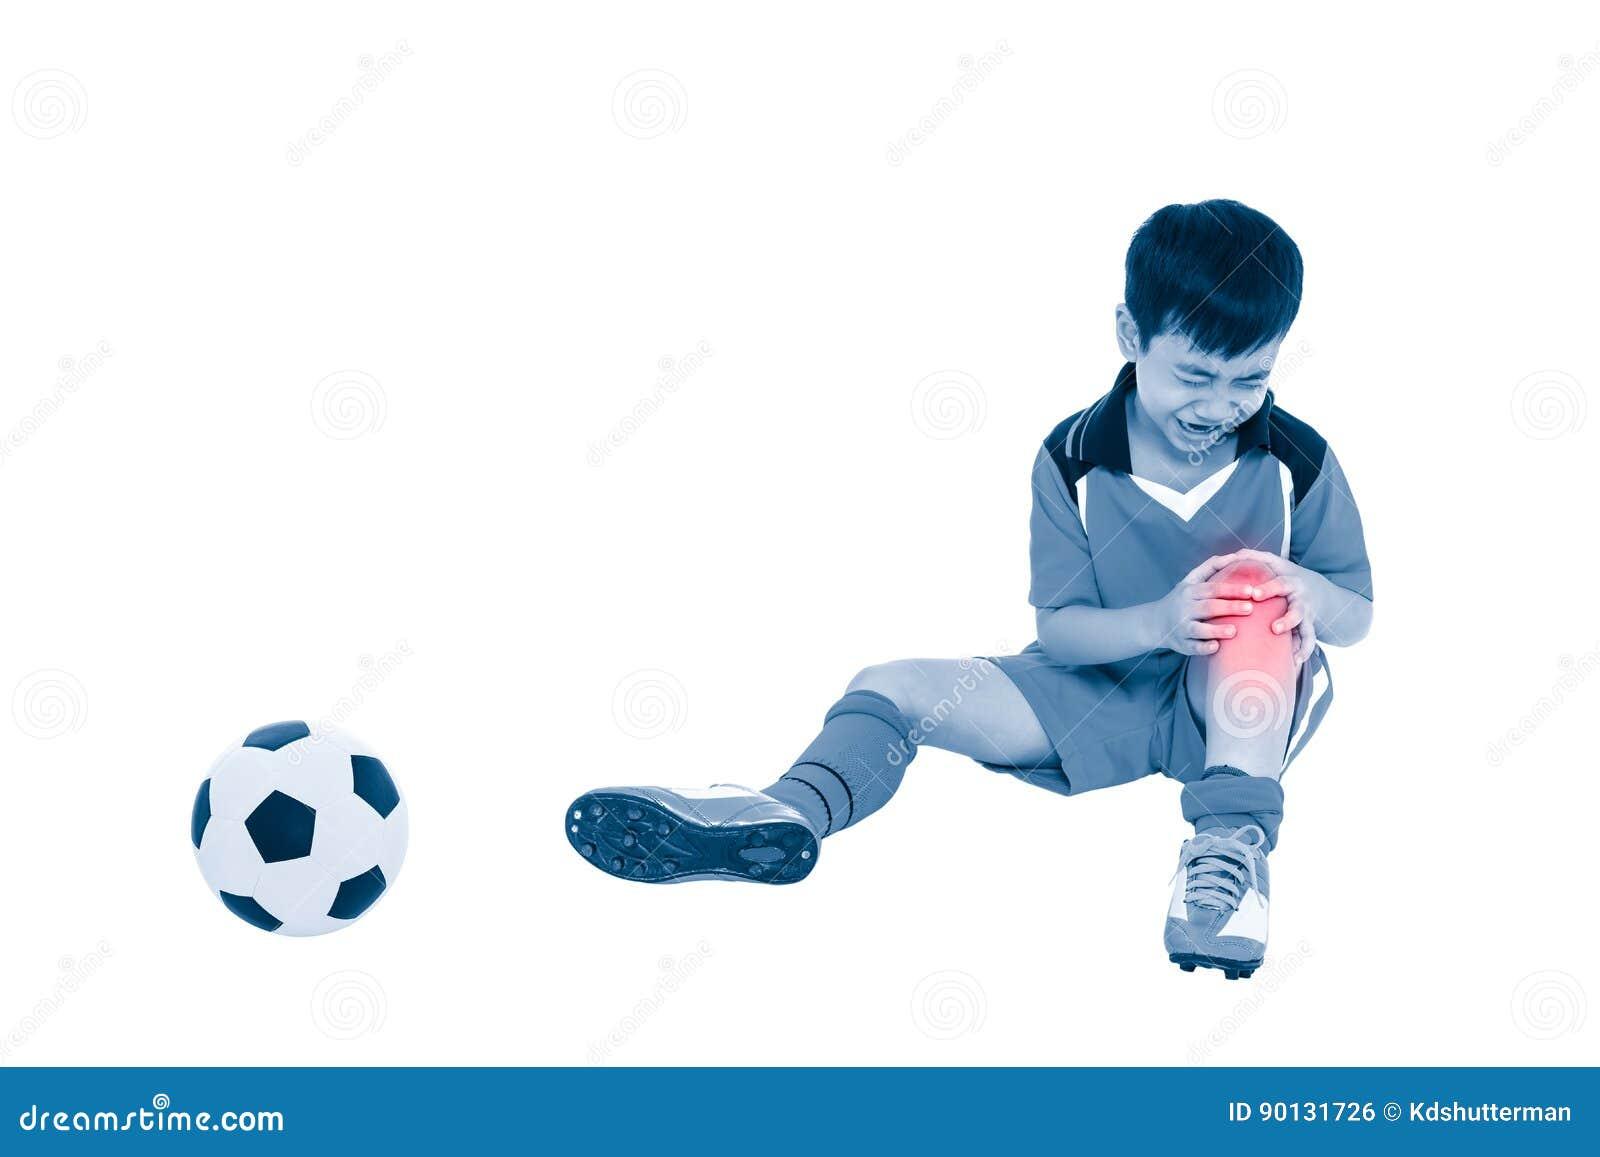 Ασιατικός ποδοσφαιριστής νεολαίας με τον πόνο στο γόνατο σύνολο σωμάτων